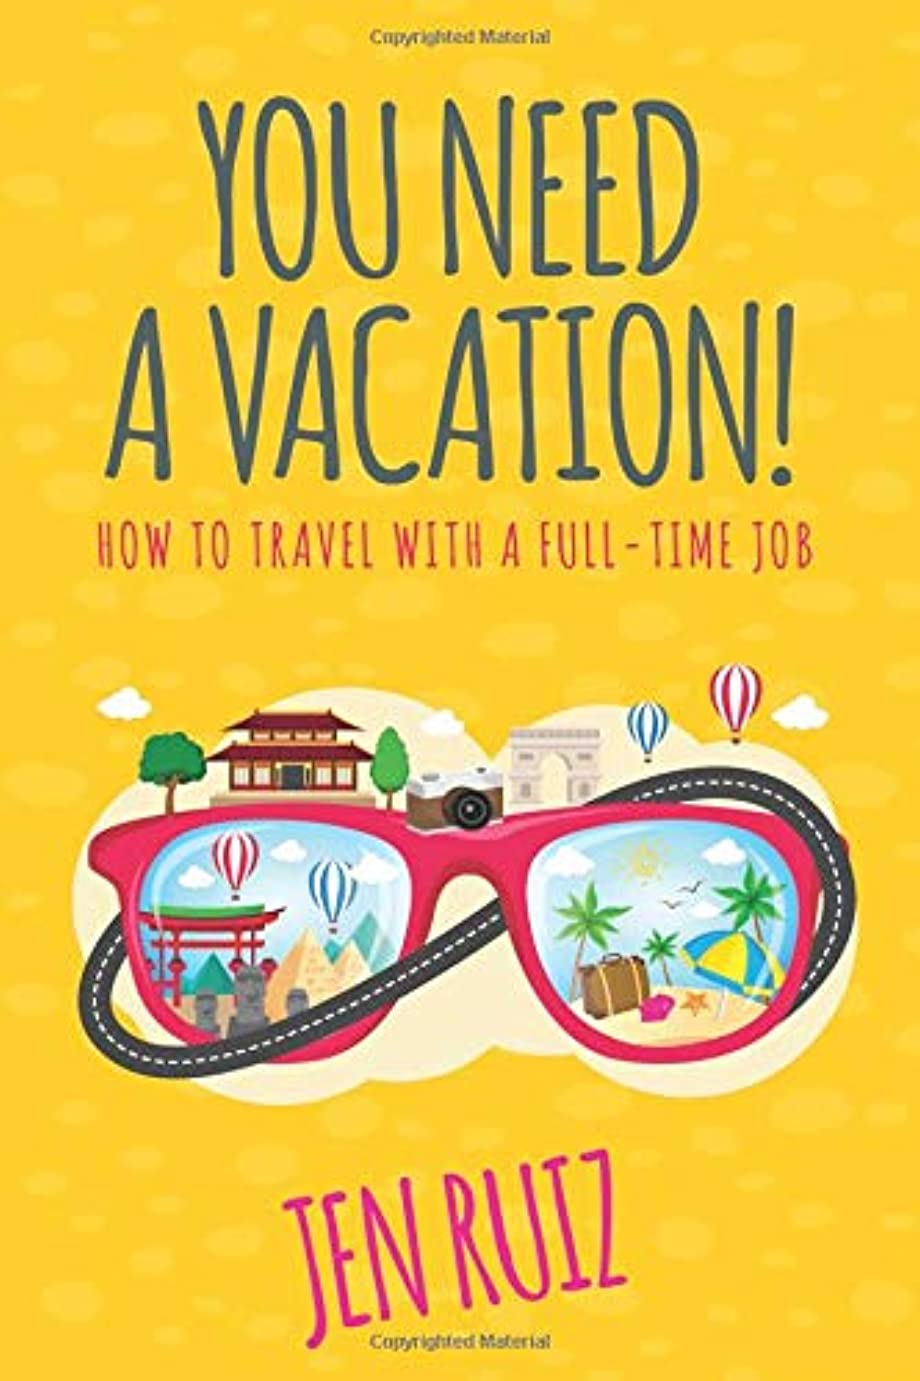 着服種先行するYou Need A Vacation!: How to Travel with a Full-Time Job